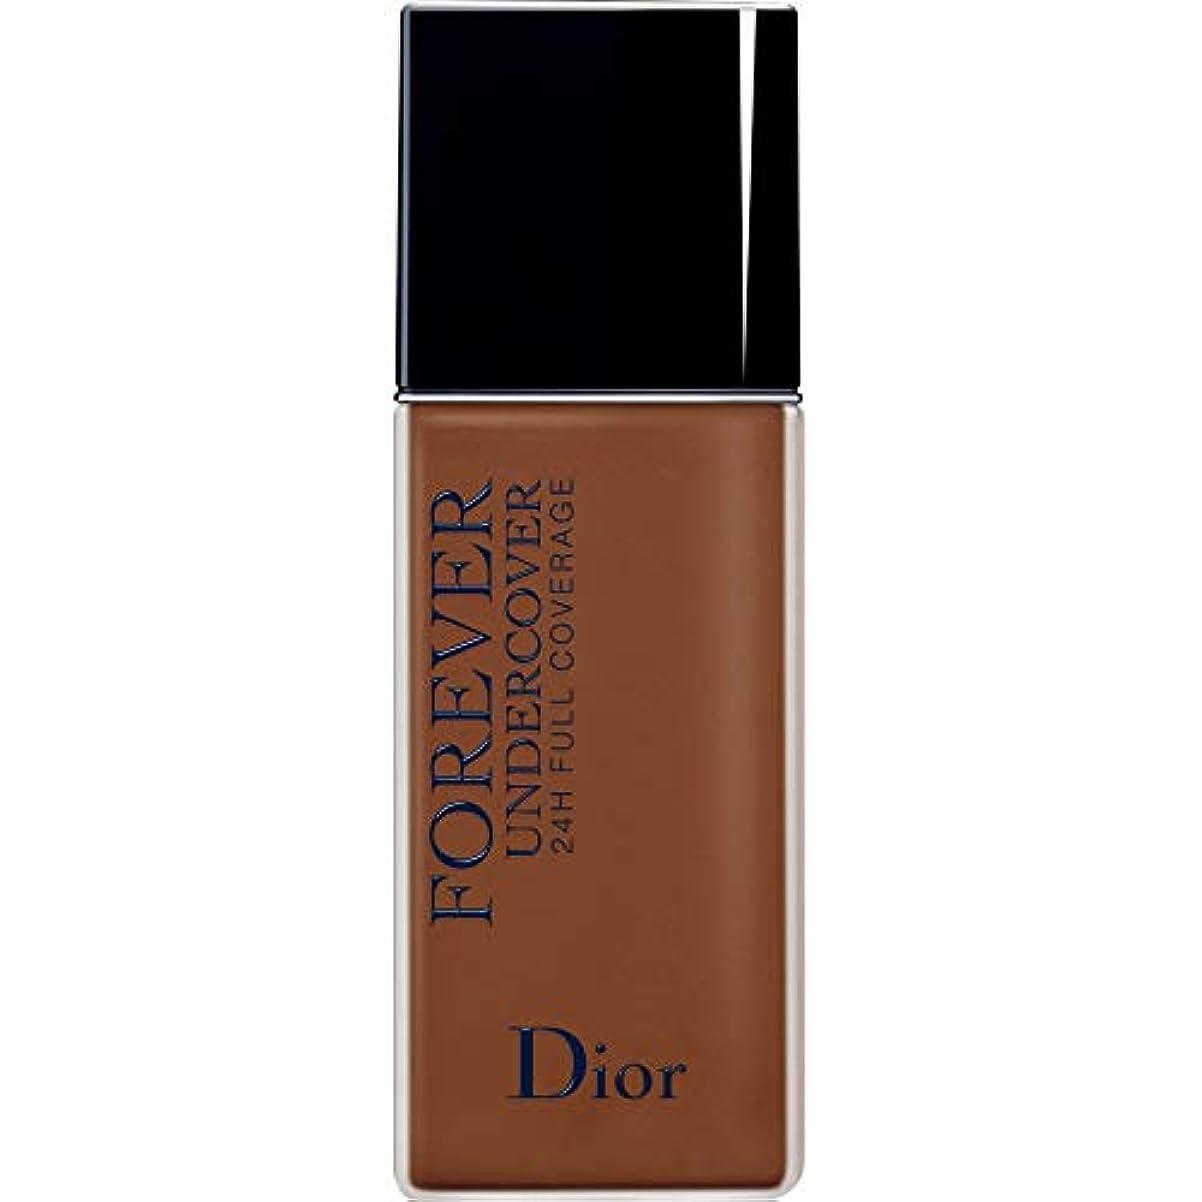 通行料金サミットフォロー[Dior ] ディオールディオールスキン永遠アンダーカバーフルカバーの基礎40ミリリットル070 - ダークブラウン - DIOR Diorskin Forever Undercover Full Coverage Foundation...